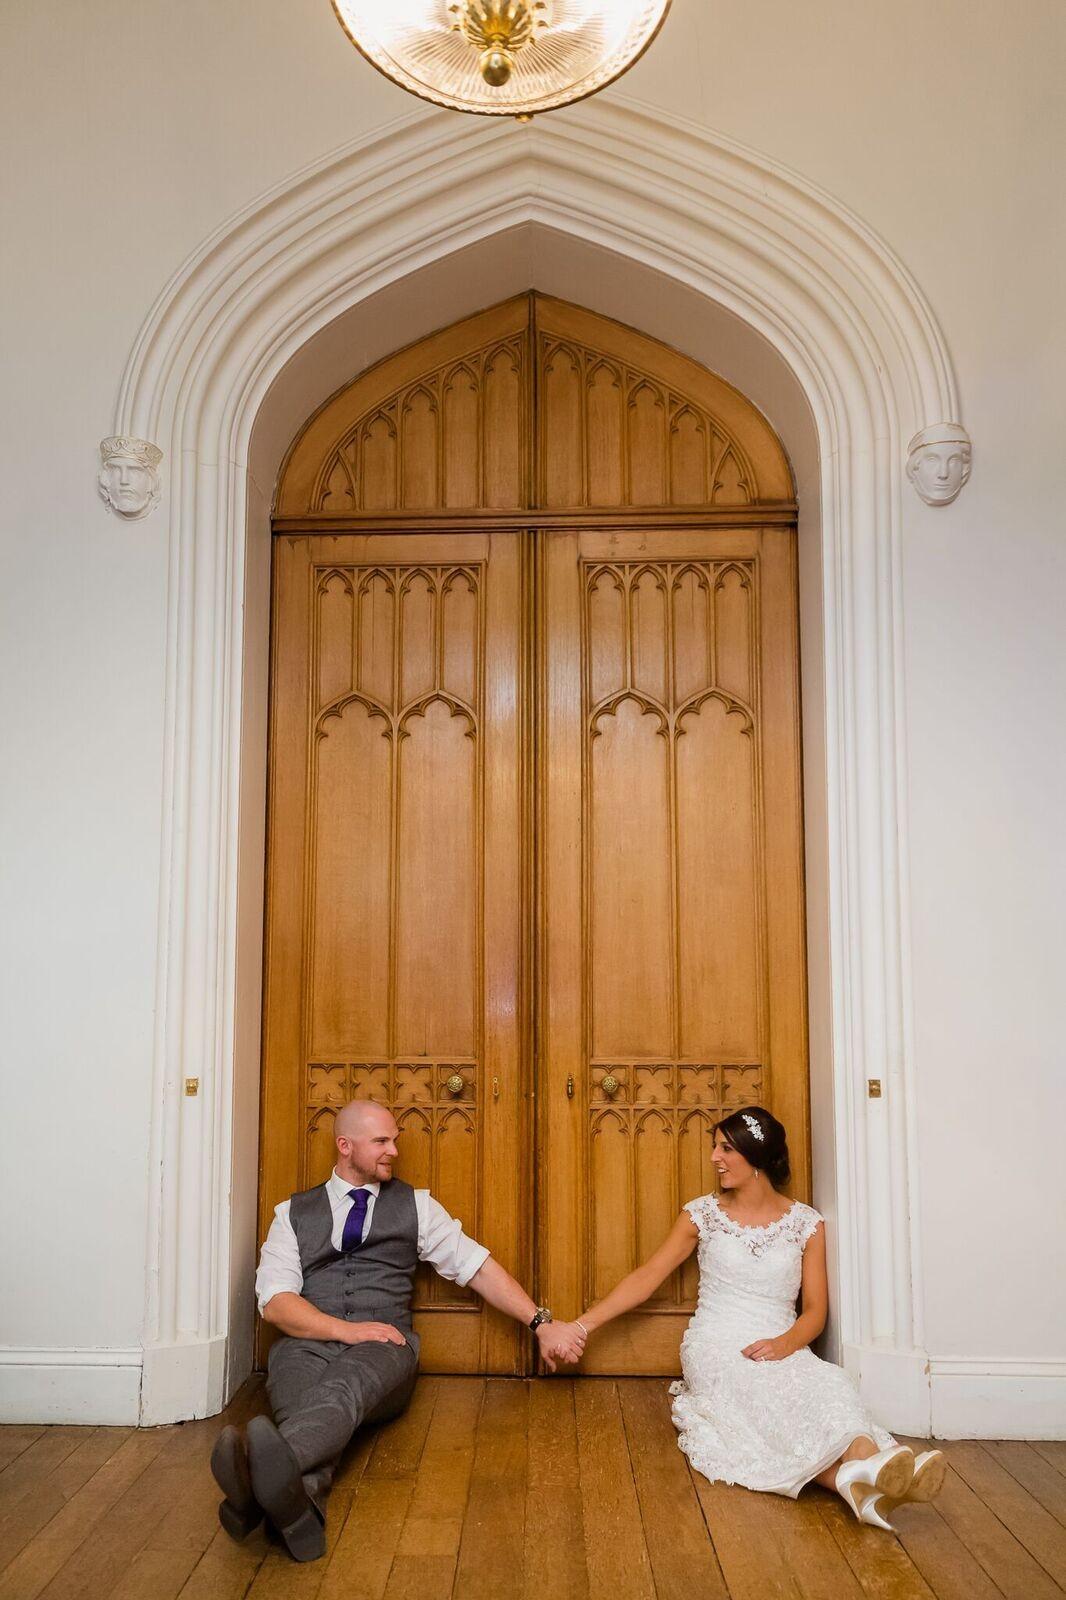 Scone Palace Weddings big door